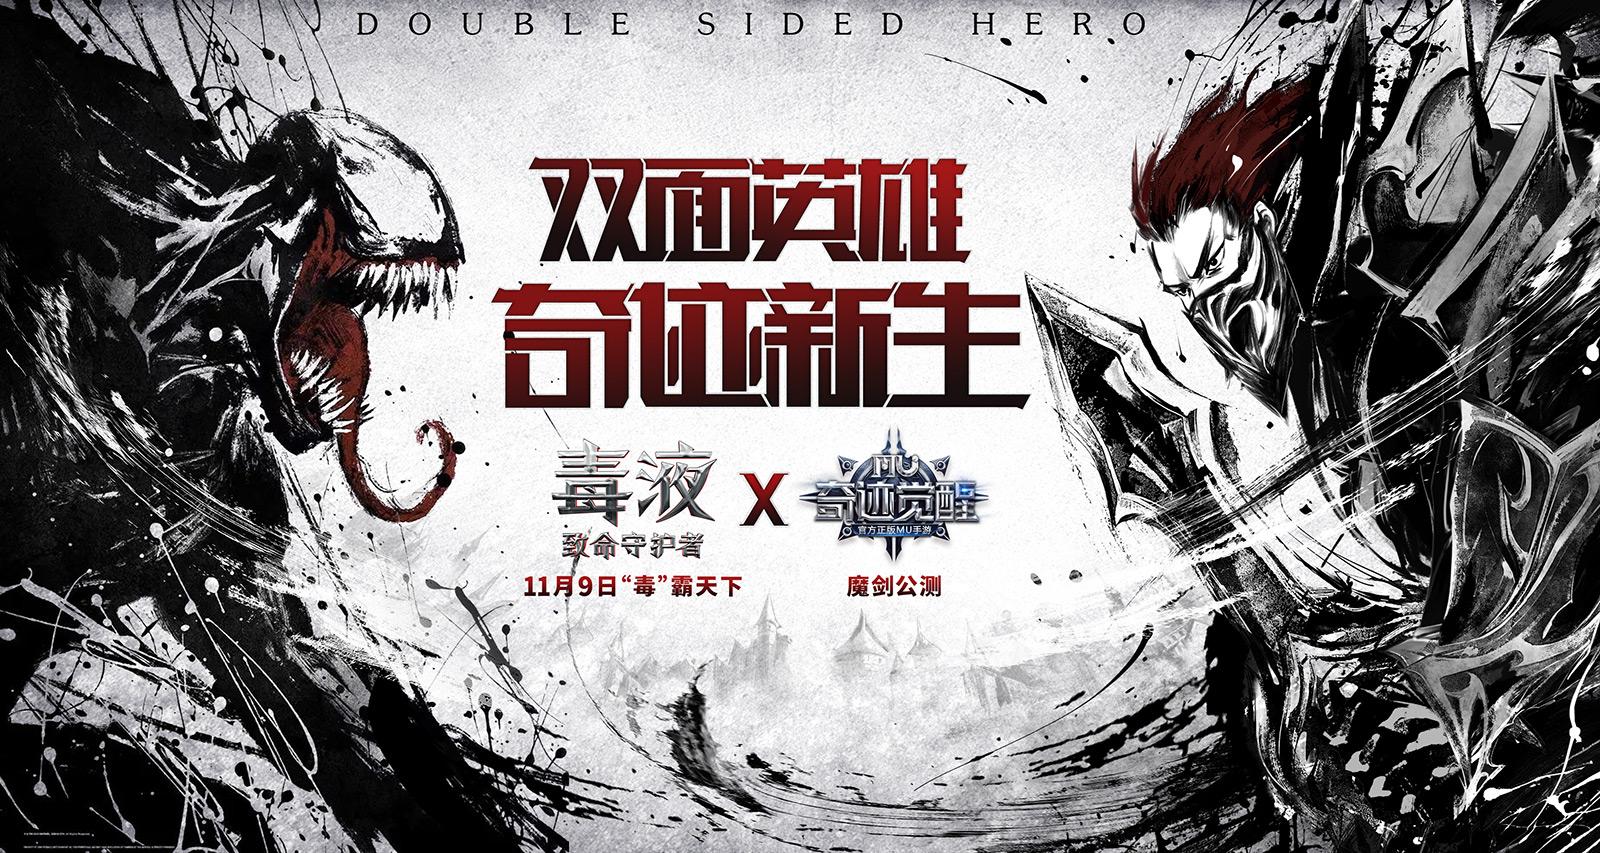 《奇迹MU:觉醒》X《毒液》 魔幻IP强强联手,共同呈现双面英雄